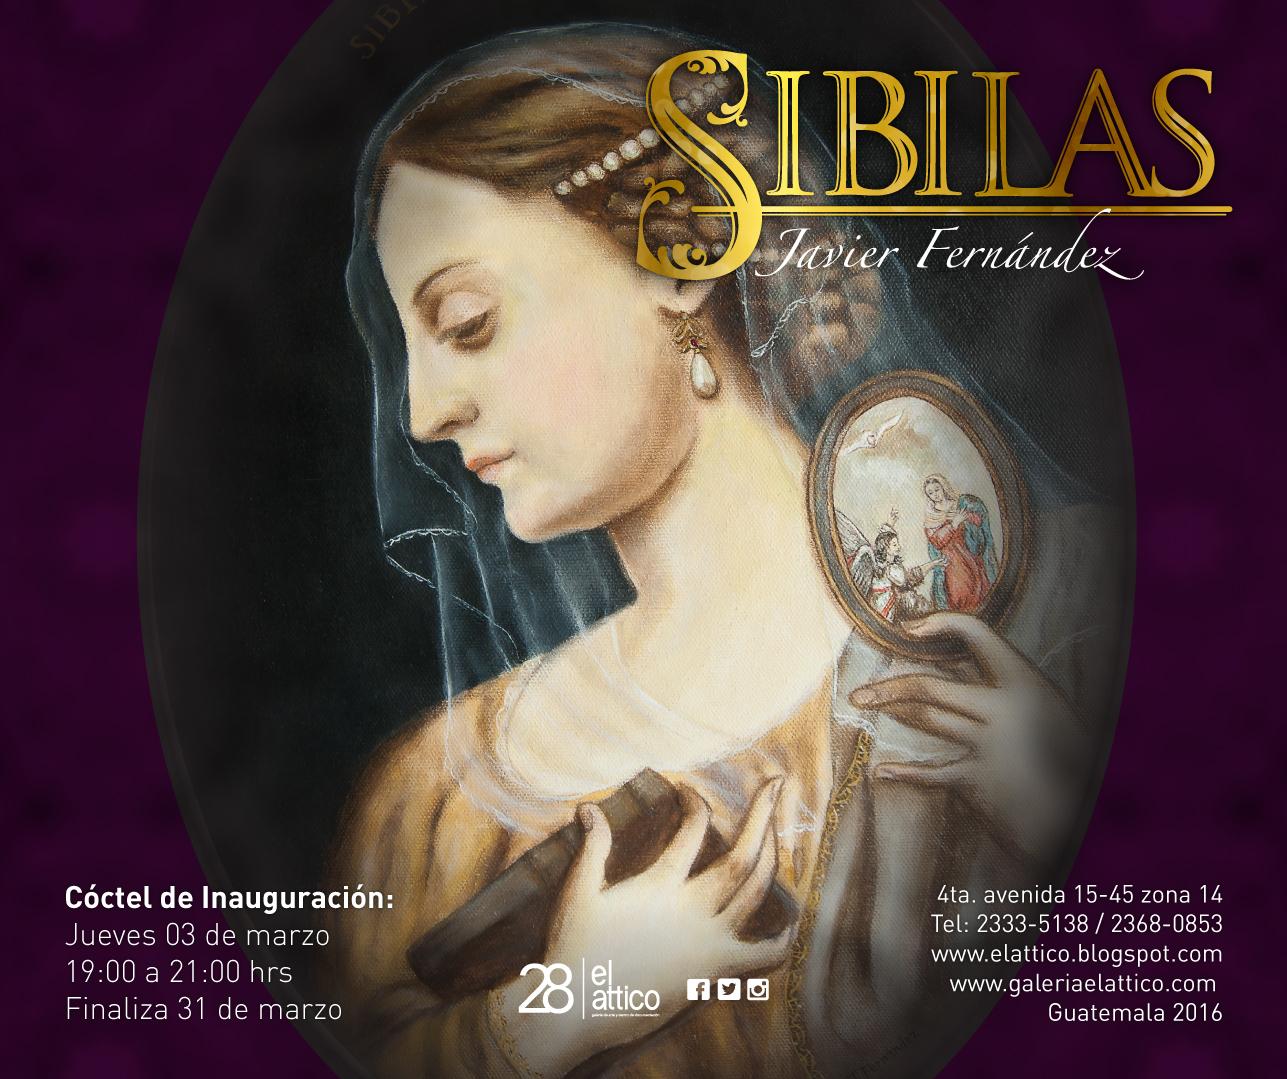 Invitación_Sibilas_2-02